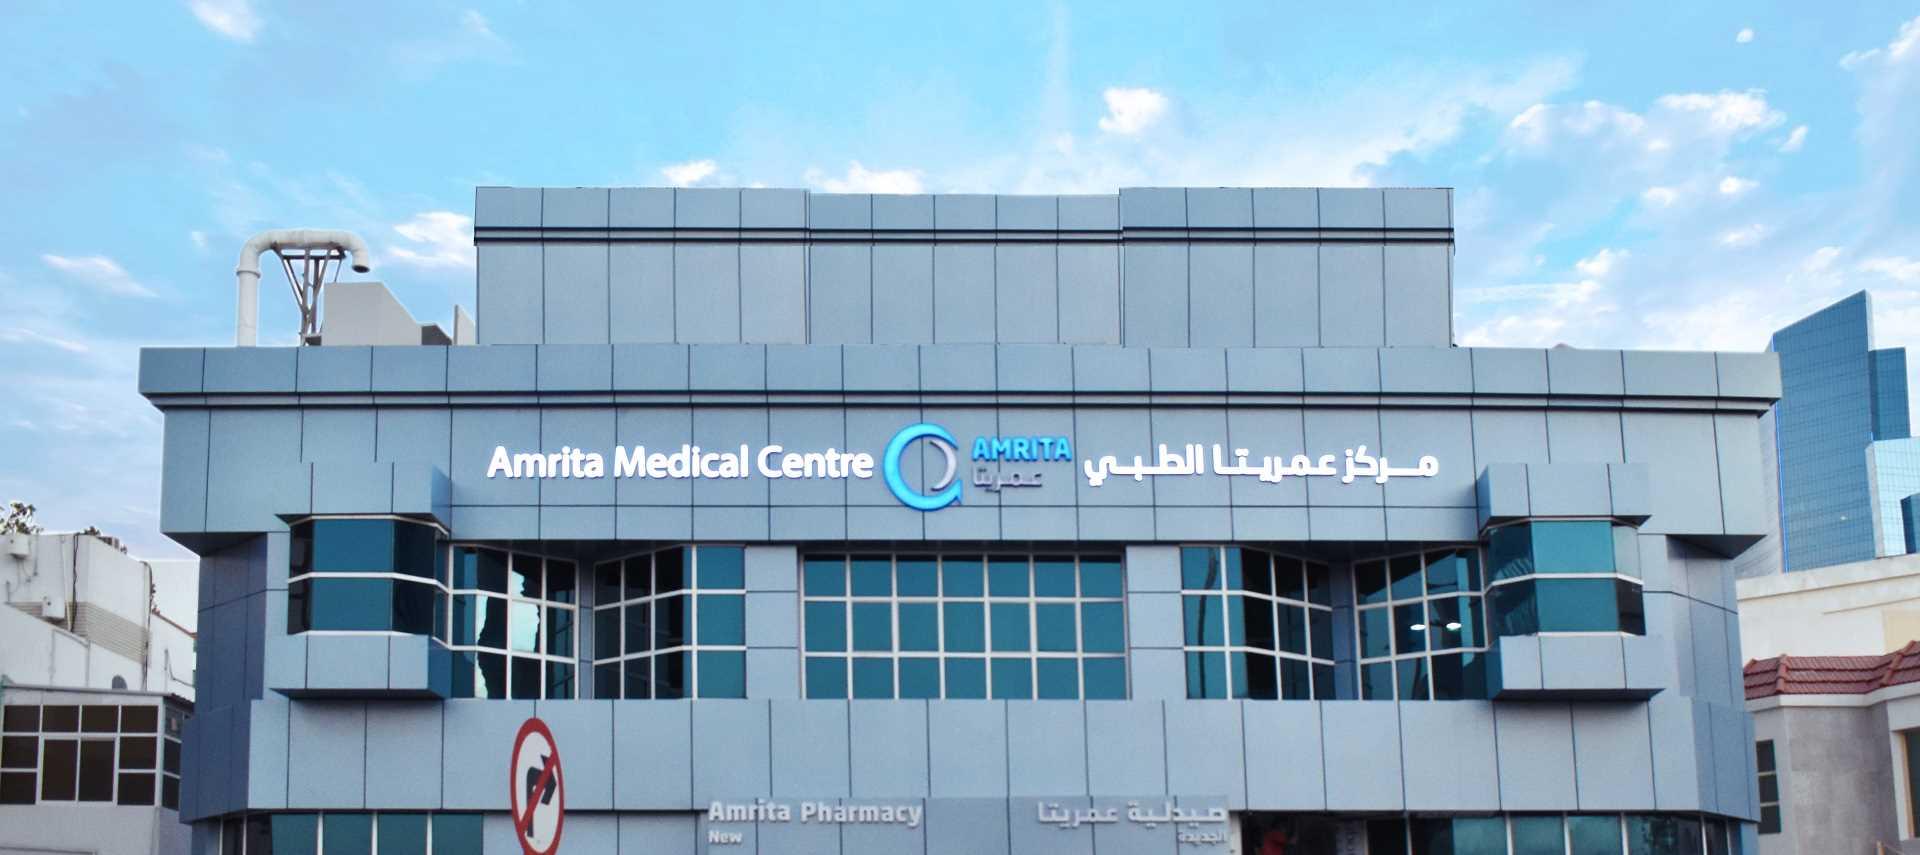 Amrita Medical Center